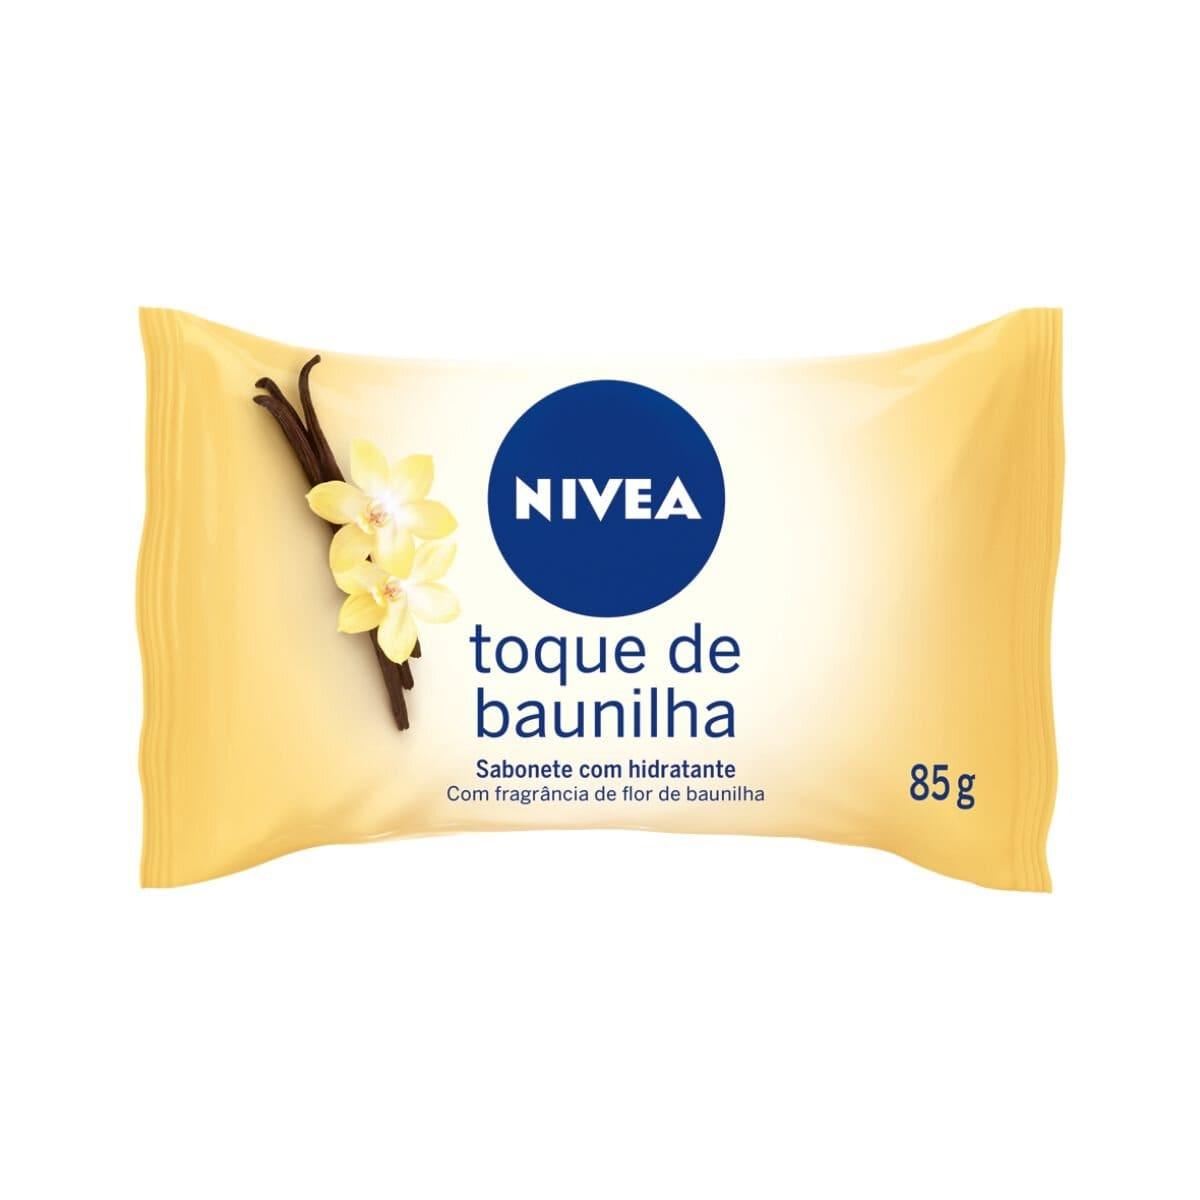 Sabonete Nivea Toque de Baunilha com Hidratante 85g